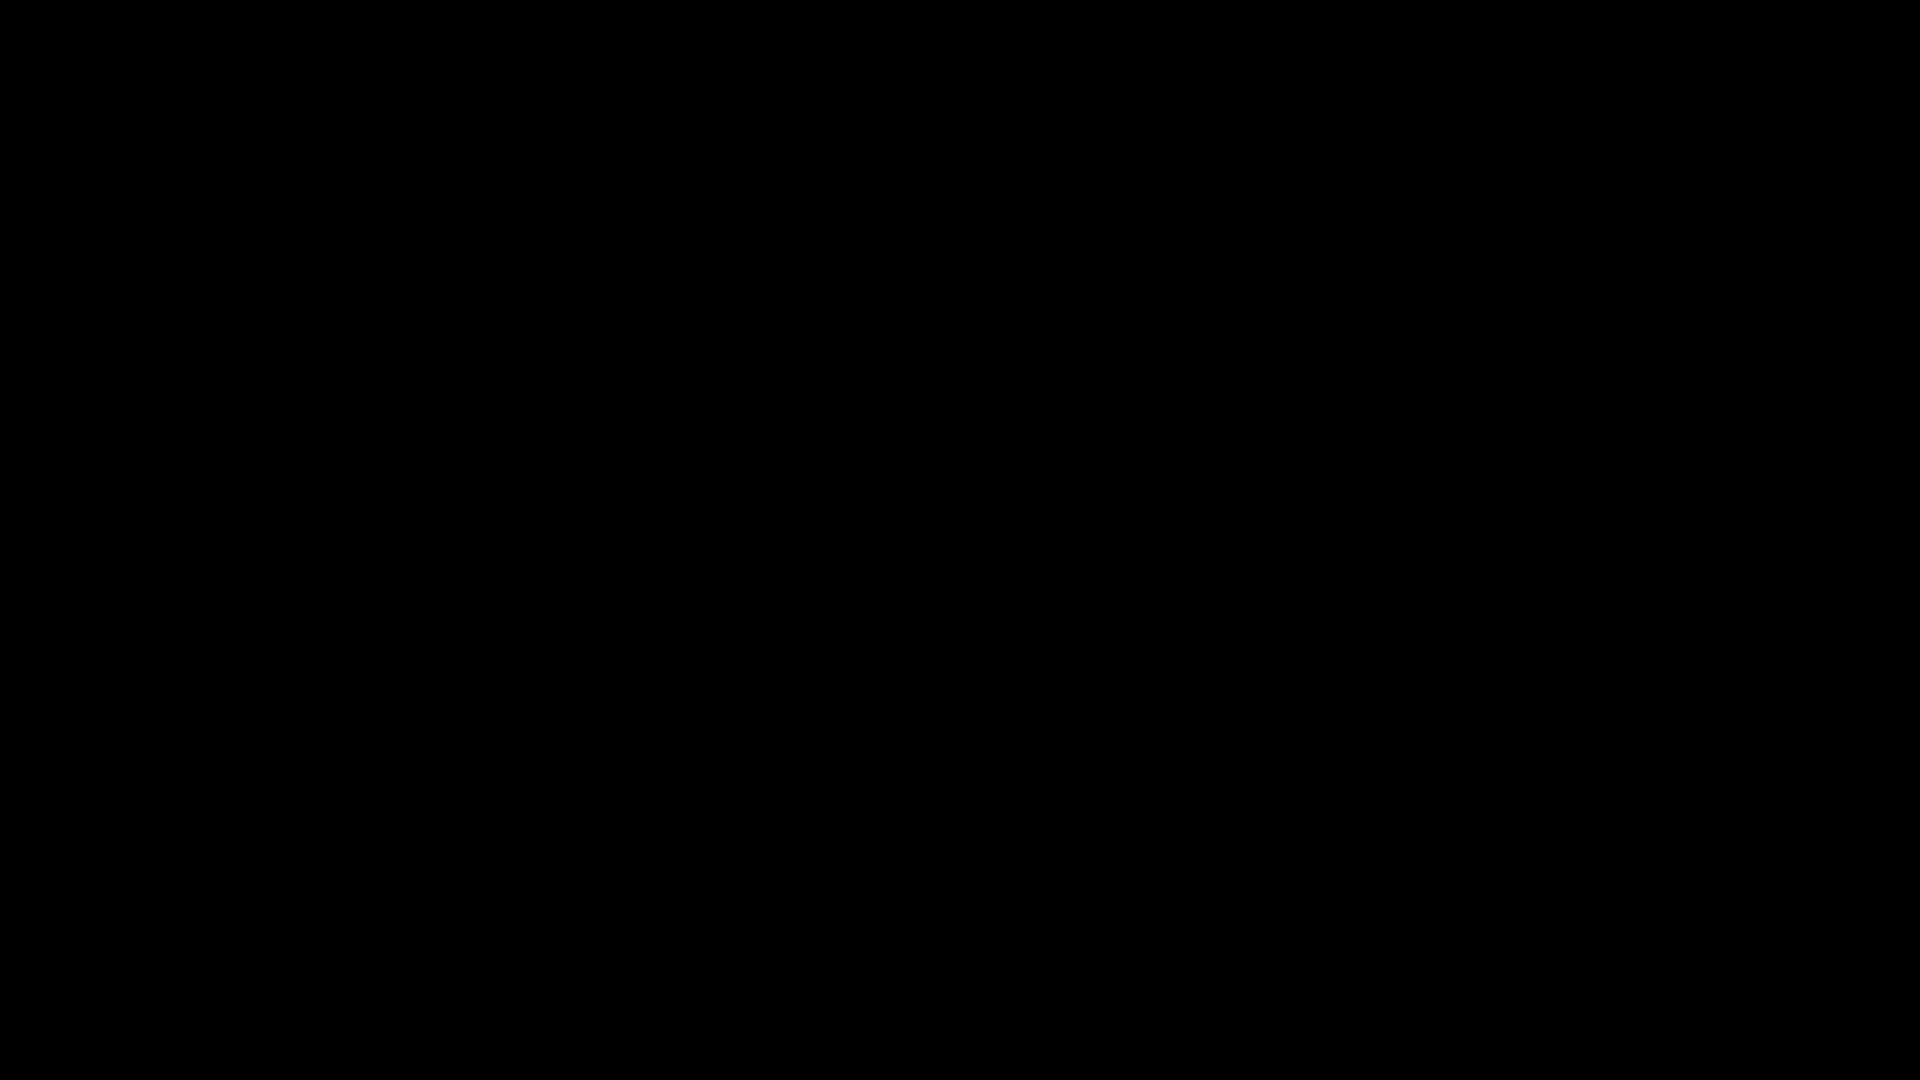 Aston Villa F.C. (Football Team), Aston Villa FC, Birmingham City F.C. (Football Team), Chelsea F.C. (Football Team), England National Football Team (Football Team), Football (Interest), Gary Cahill (Football Player), Roy Hodgson (Football Player), Sports, Villa Park (Sports Facility), avfc, avtv, euro 2016, #TBT Cahill's stunner v Blues GIFs